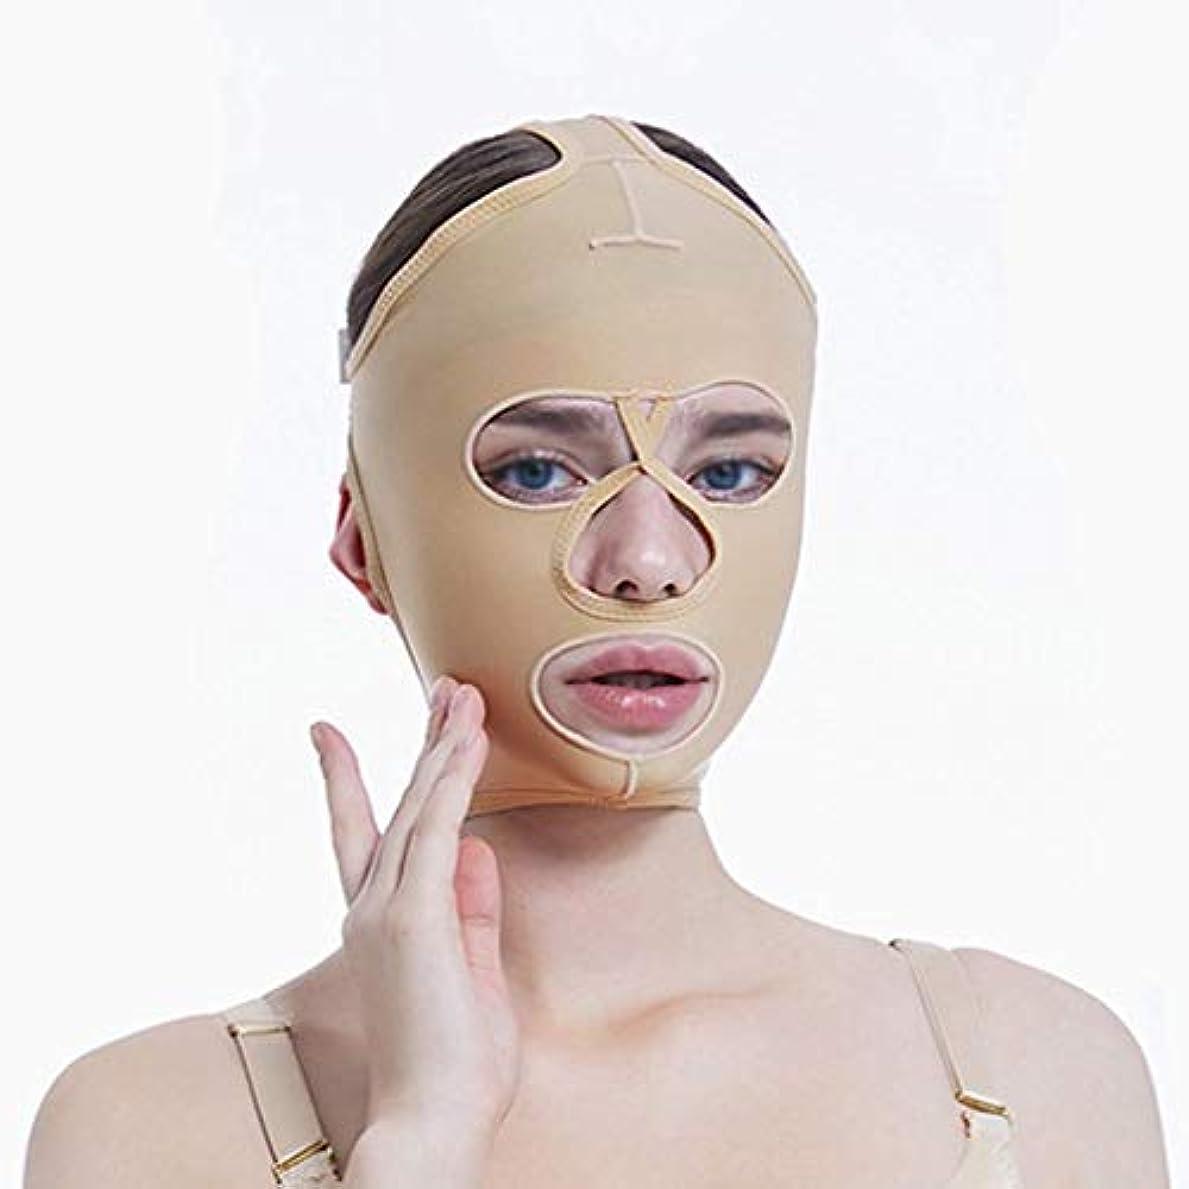 エッセンス立方体容赦ないチンリフティングベルト、超薄型ベルト、引き締めマスク、包帯吊り、フェイスリフティングマスク、超薄型ベルト、通気性(サイズ:L),M